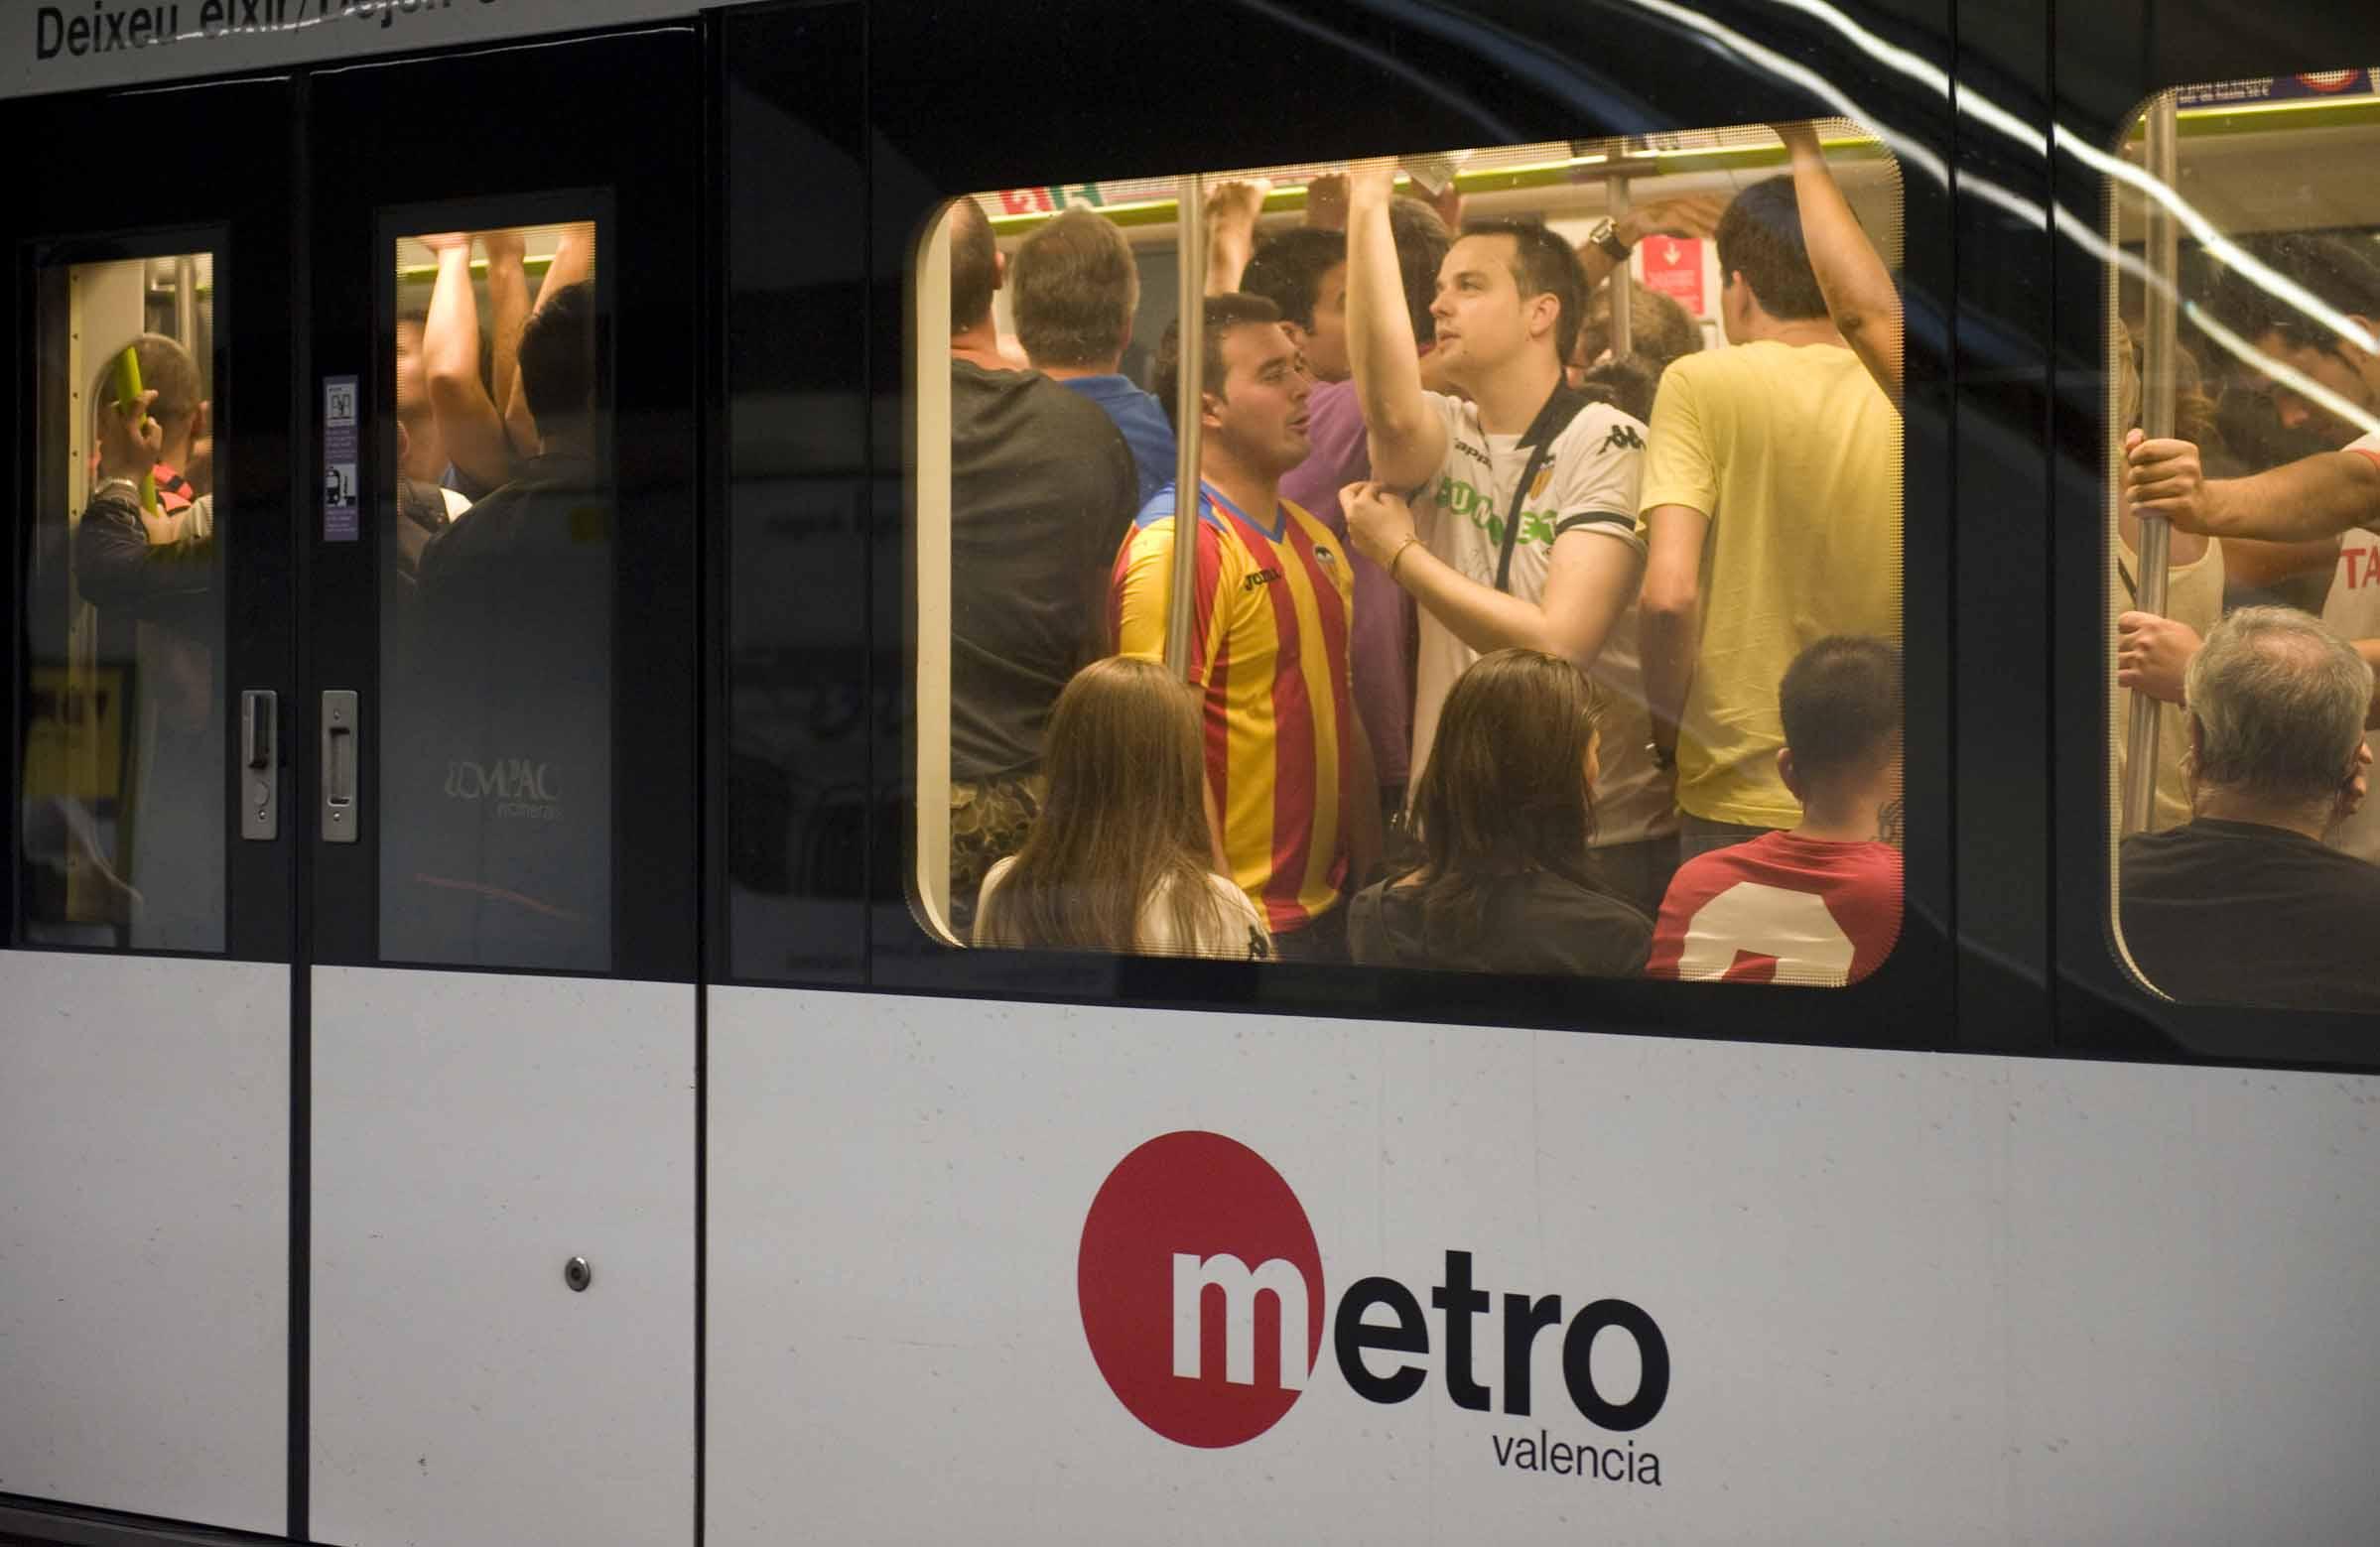 Metrovalencia facilita el acceso y regreso de los aficionados al partido que disputan Valencia CF y Villareal CF